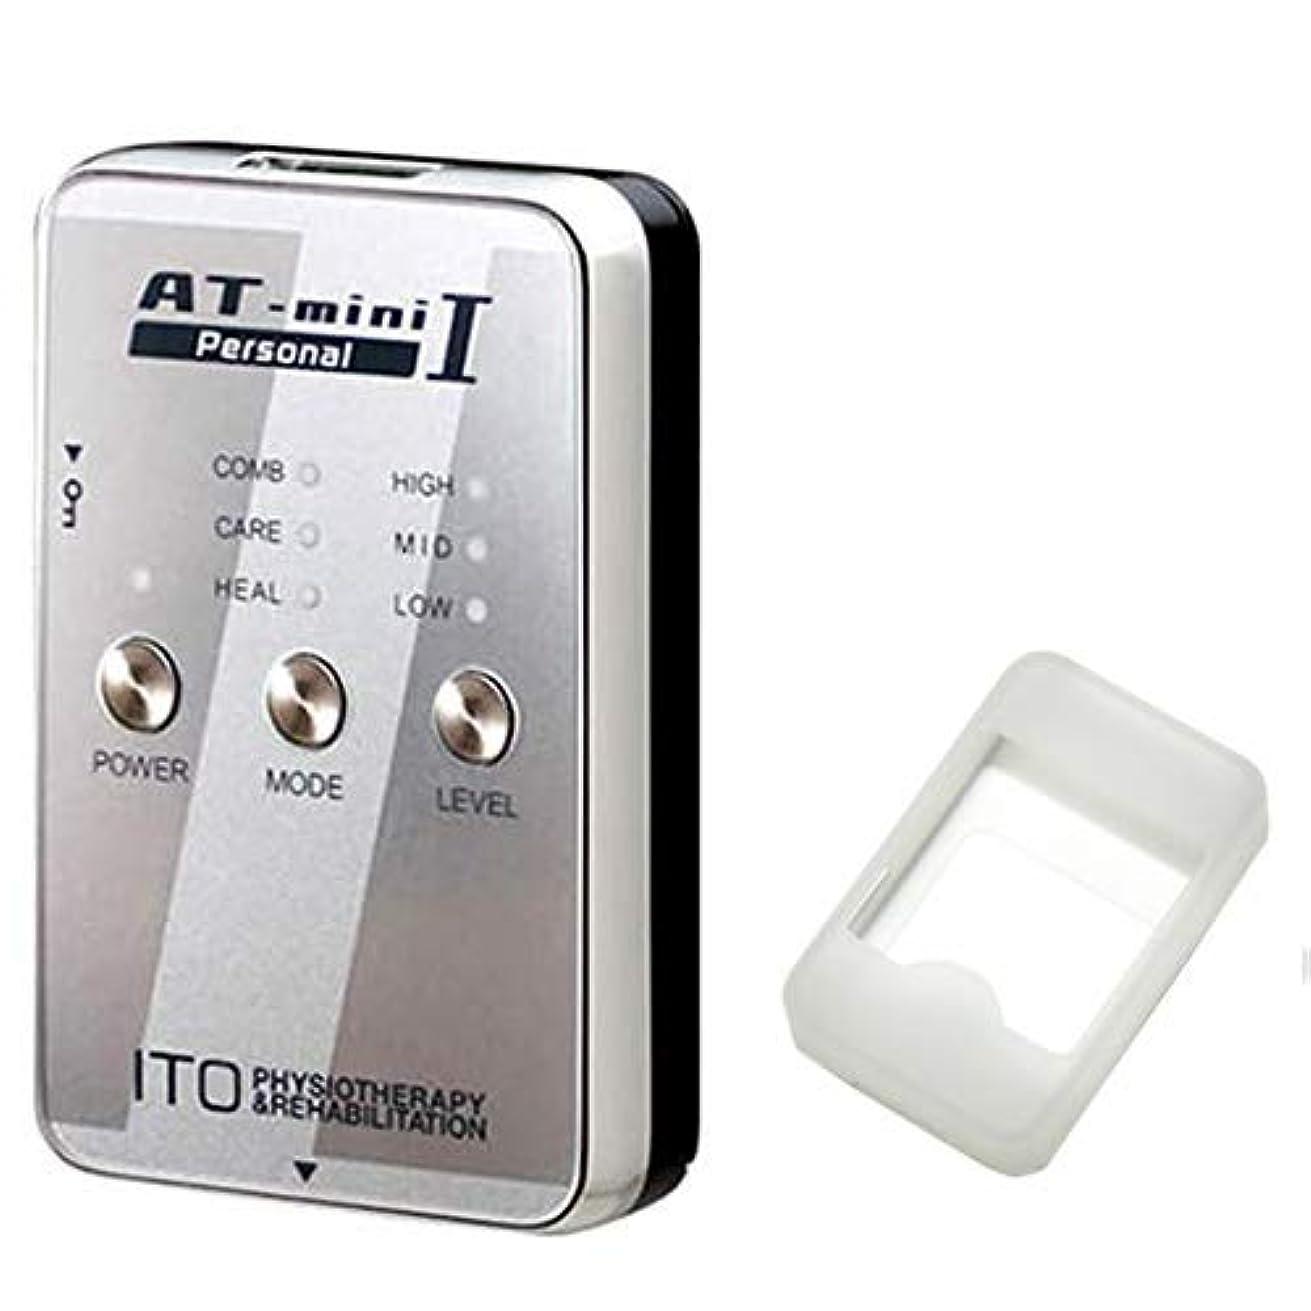 ディンカルビルルネッサンス準備ができて低周波治療器 AT-mini personal I シルバー (ATミニパーソナル1) + シリコン保護ケース